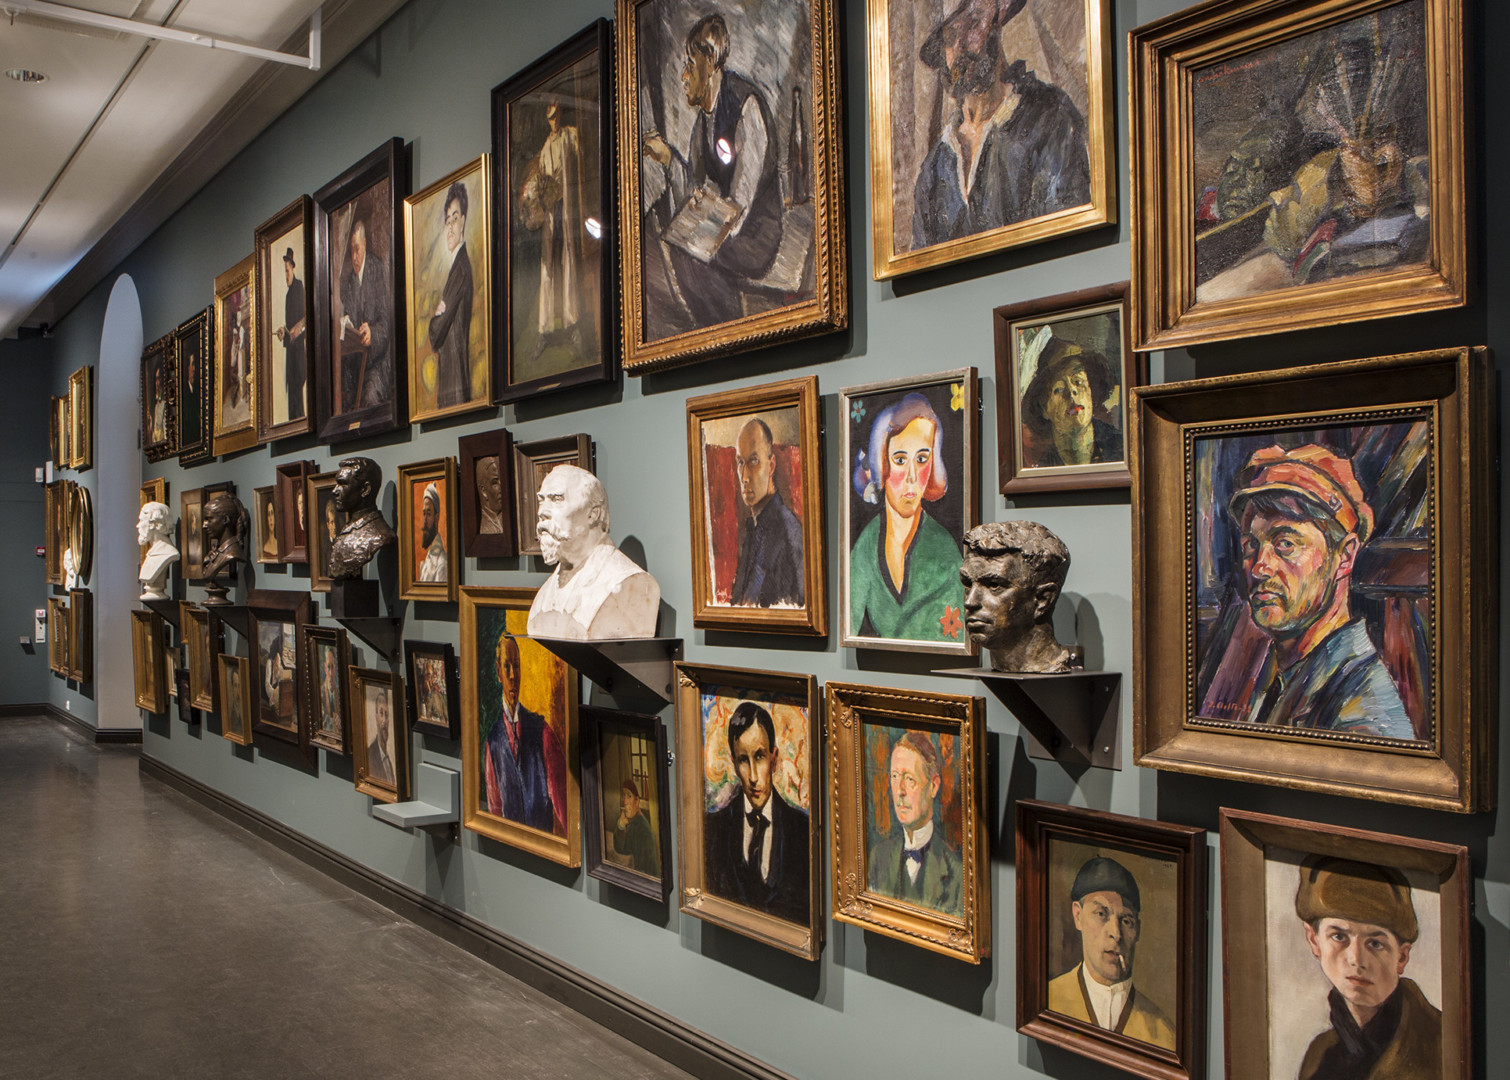 Taiteilijoiden omakuvakuvia ripustettuna tiheästi seinälle.